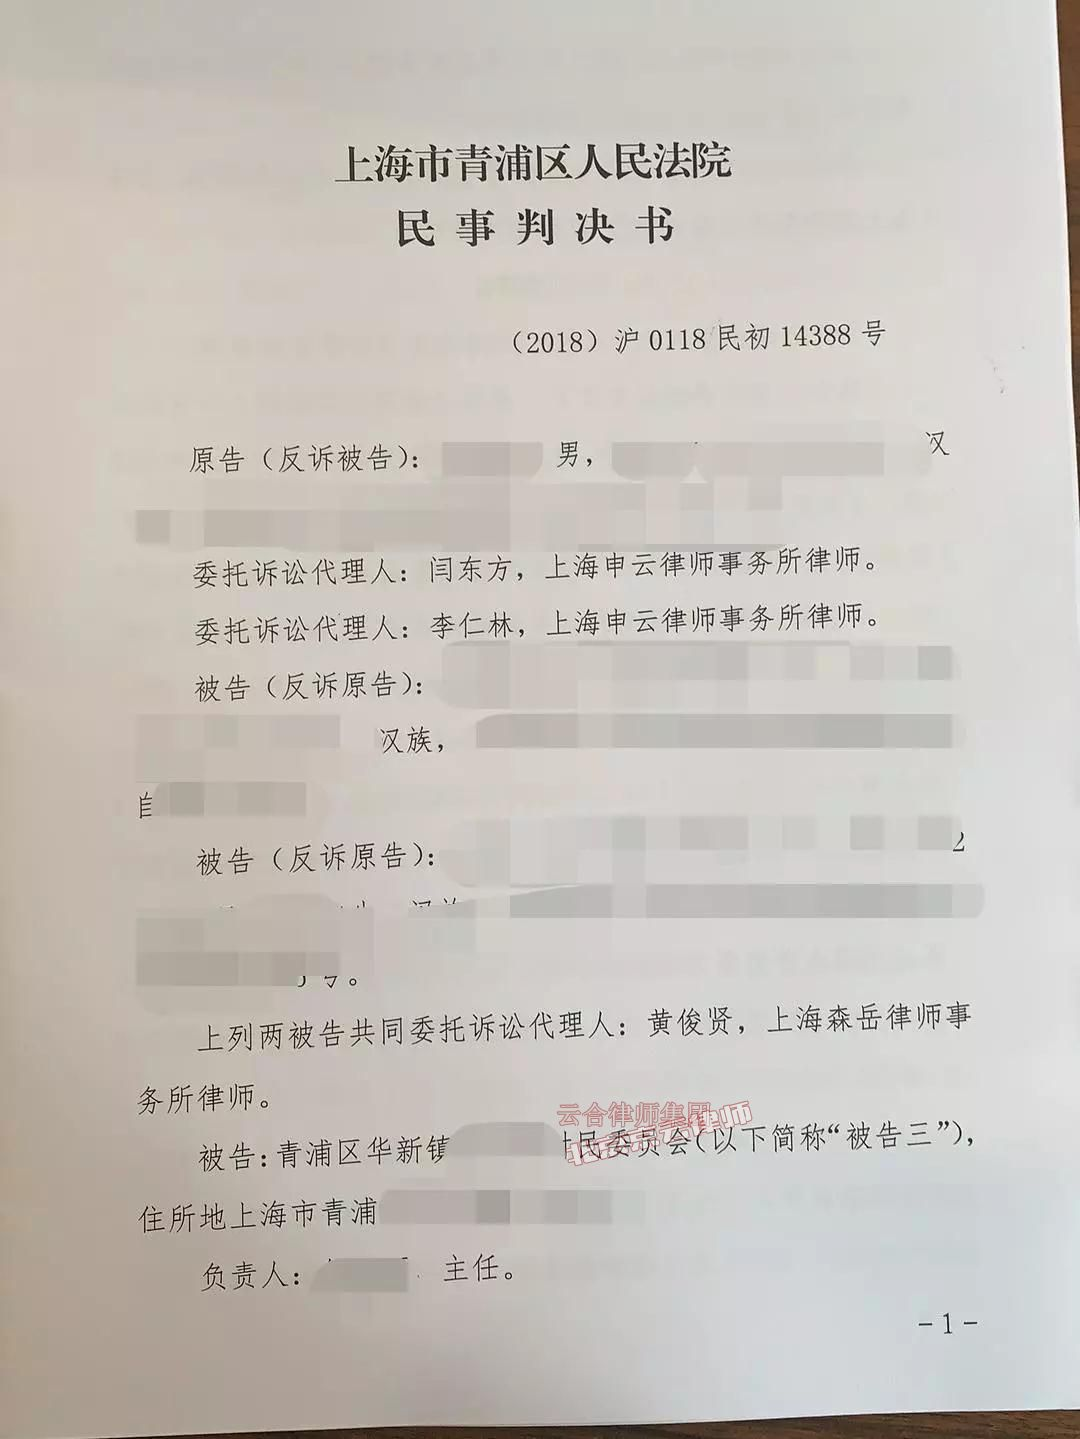 """【胜诉案例】承租的厂房被""""拆迁"""",承租人是否可以获得补偿?"""